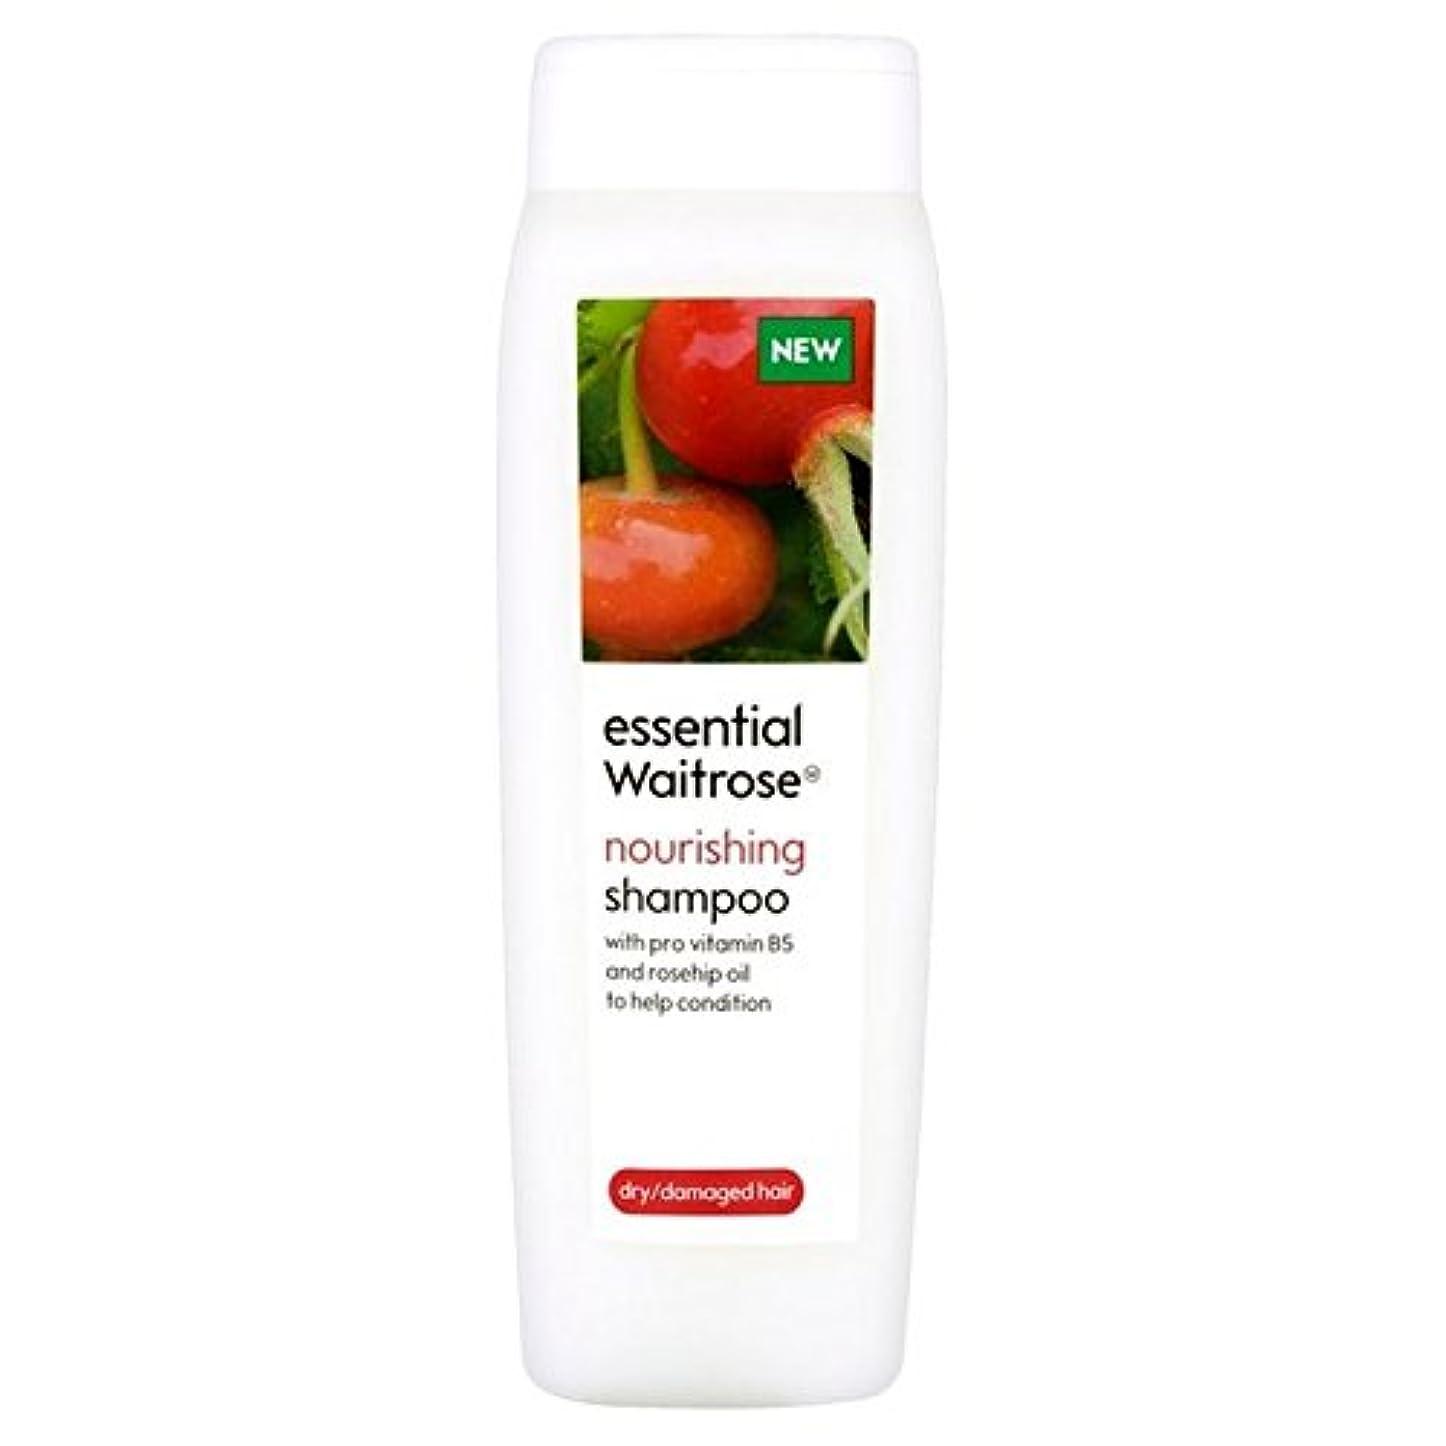 治療招待ブレスドライ&ダメージヘア不可欠ウェイトローズの300ミリリットルのためのシャンプー x2 - Shampoo for Dry & Damaged Hair essential Waitrose 300ml (Pack of 2) [並行輸入品]